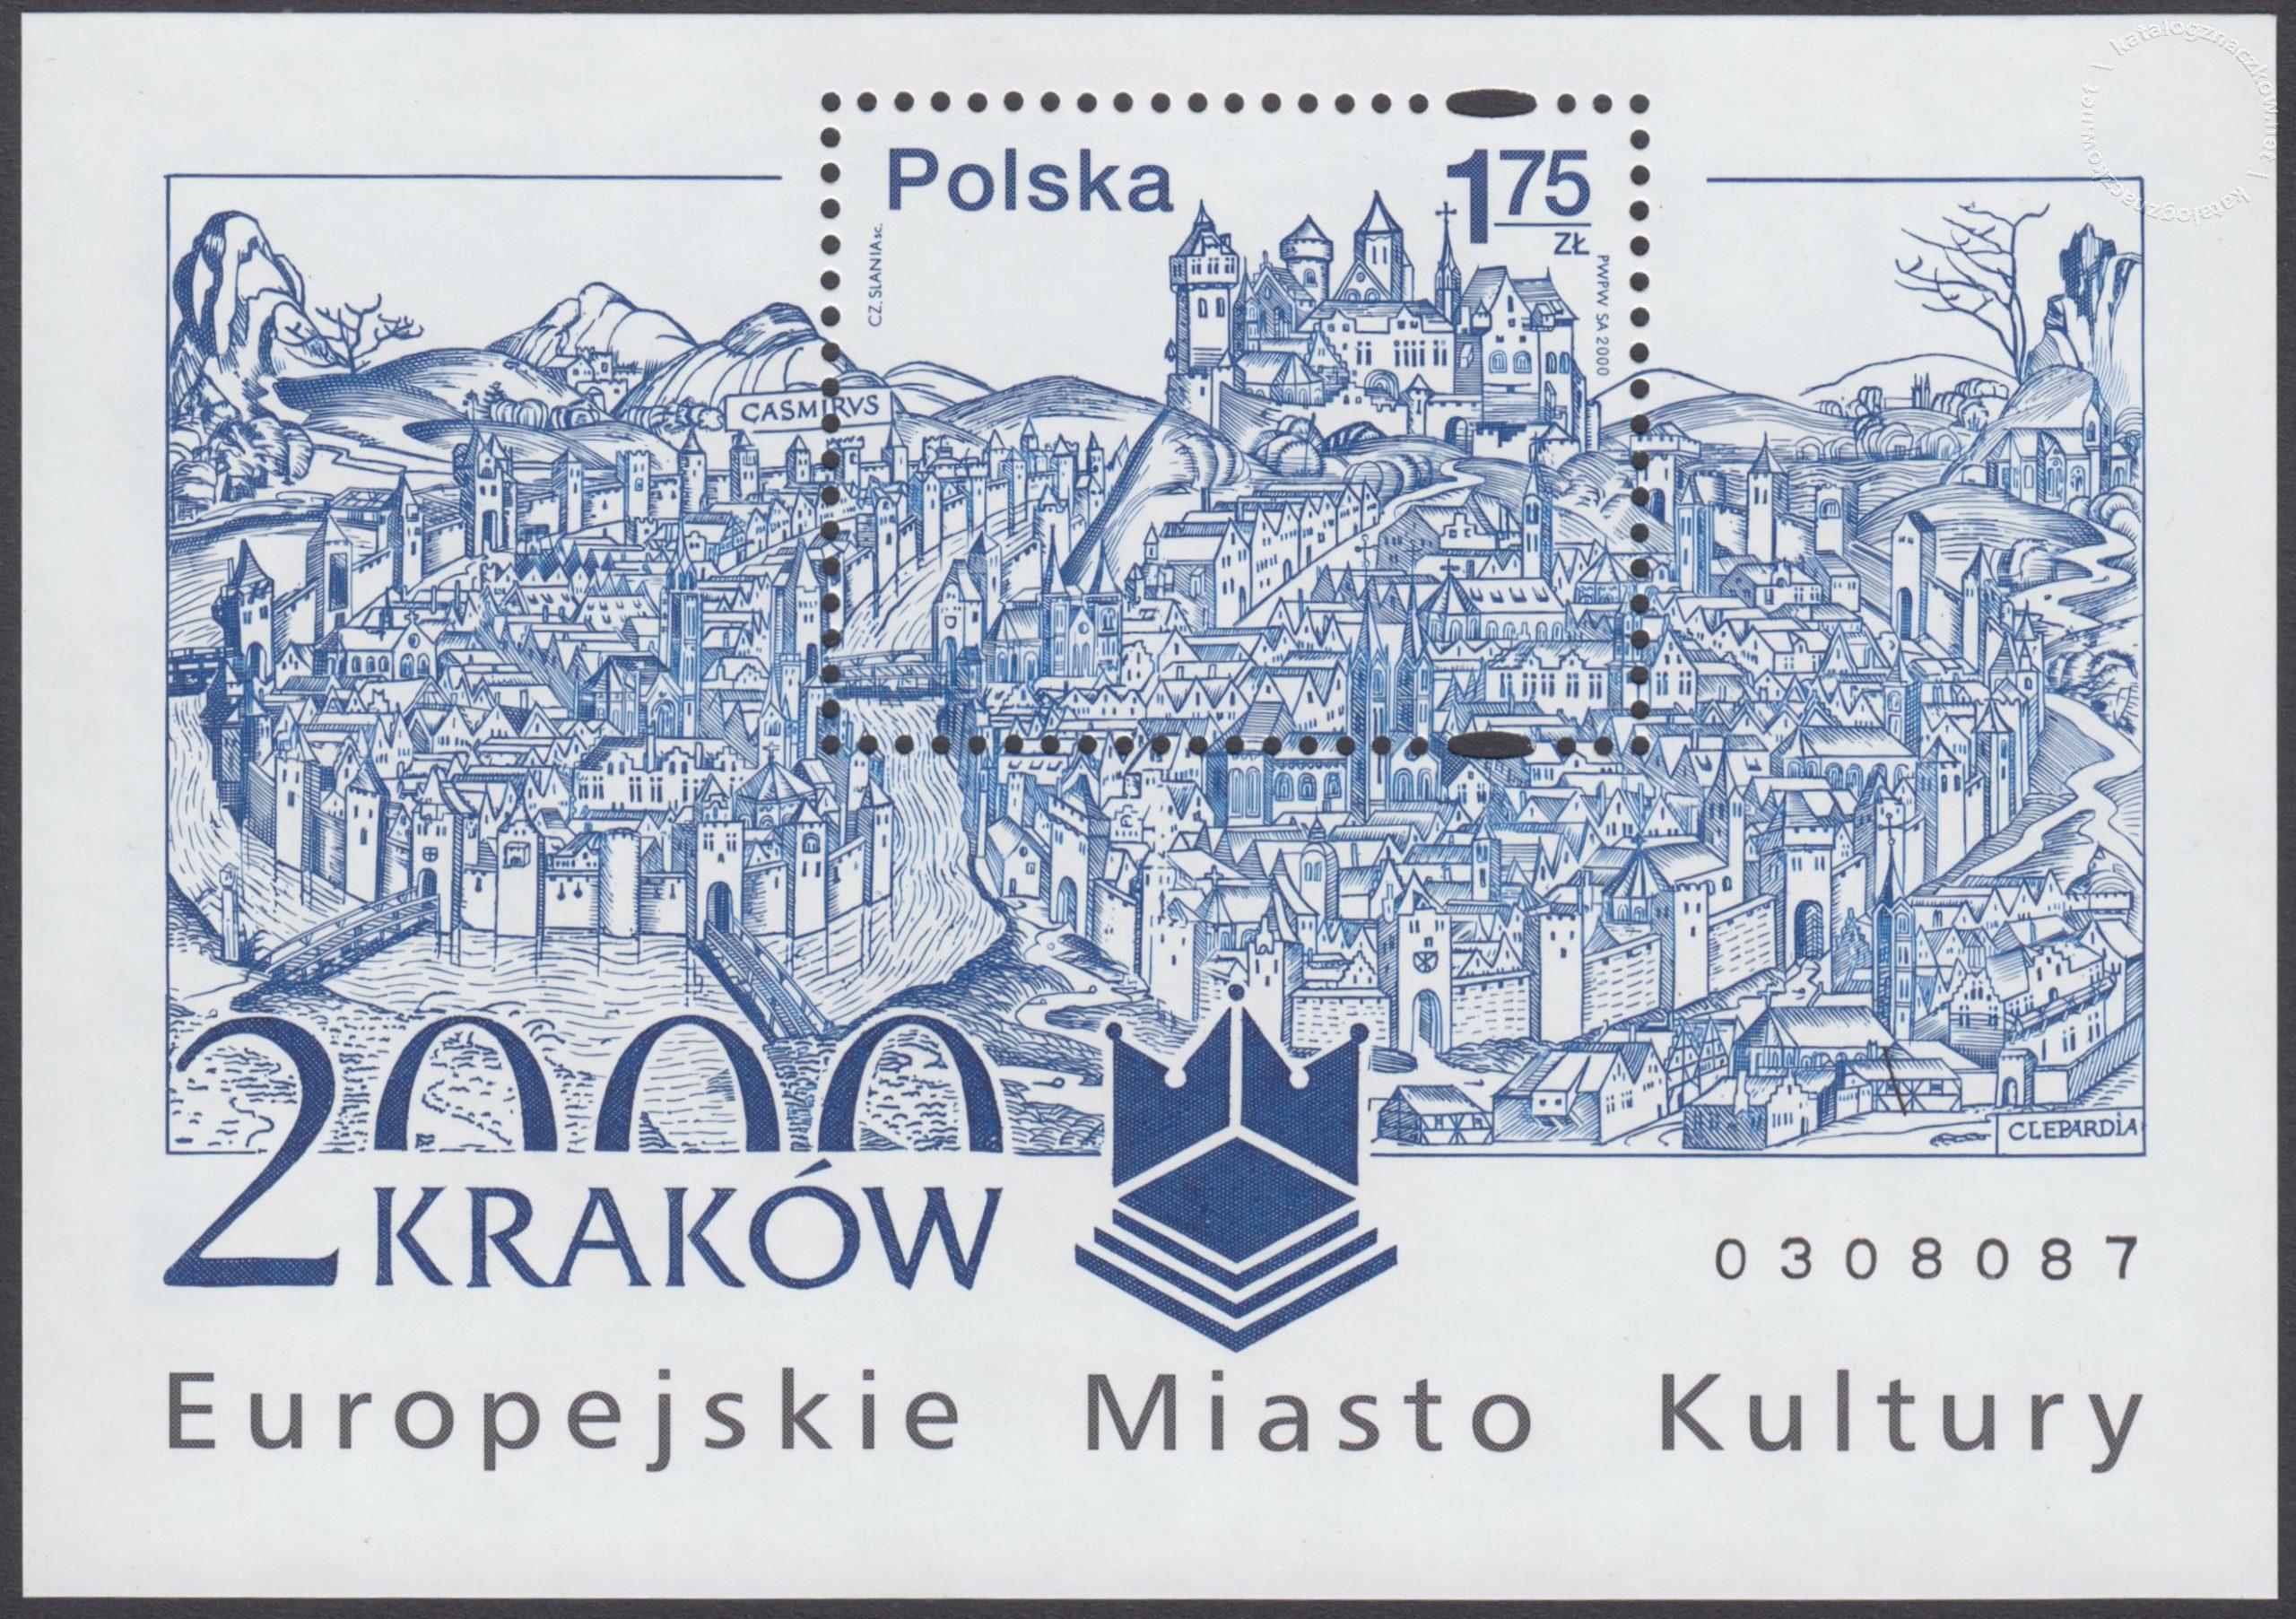 Kraków – Europejskie Miasto Kultury roku 2000 – Blok 125B